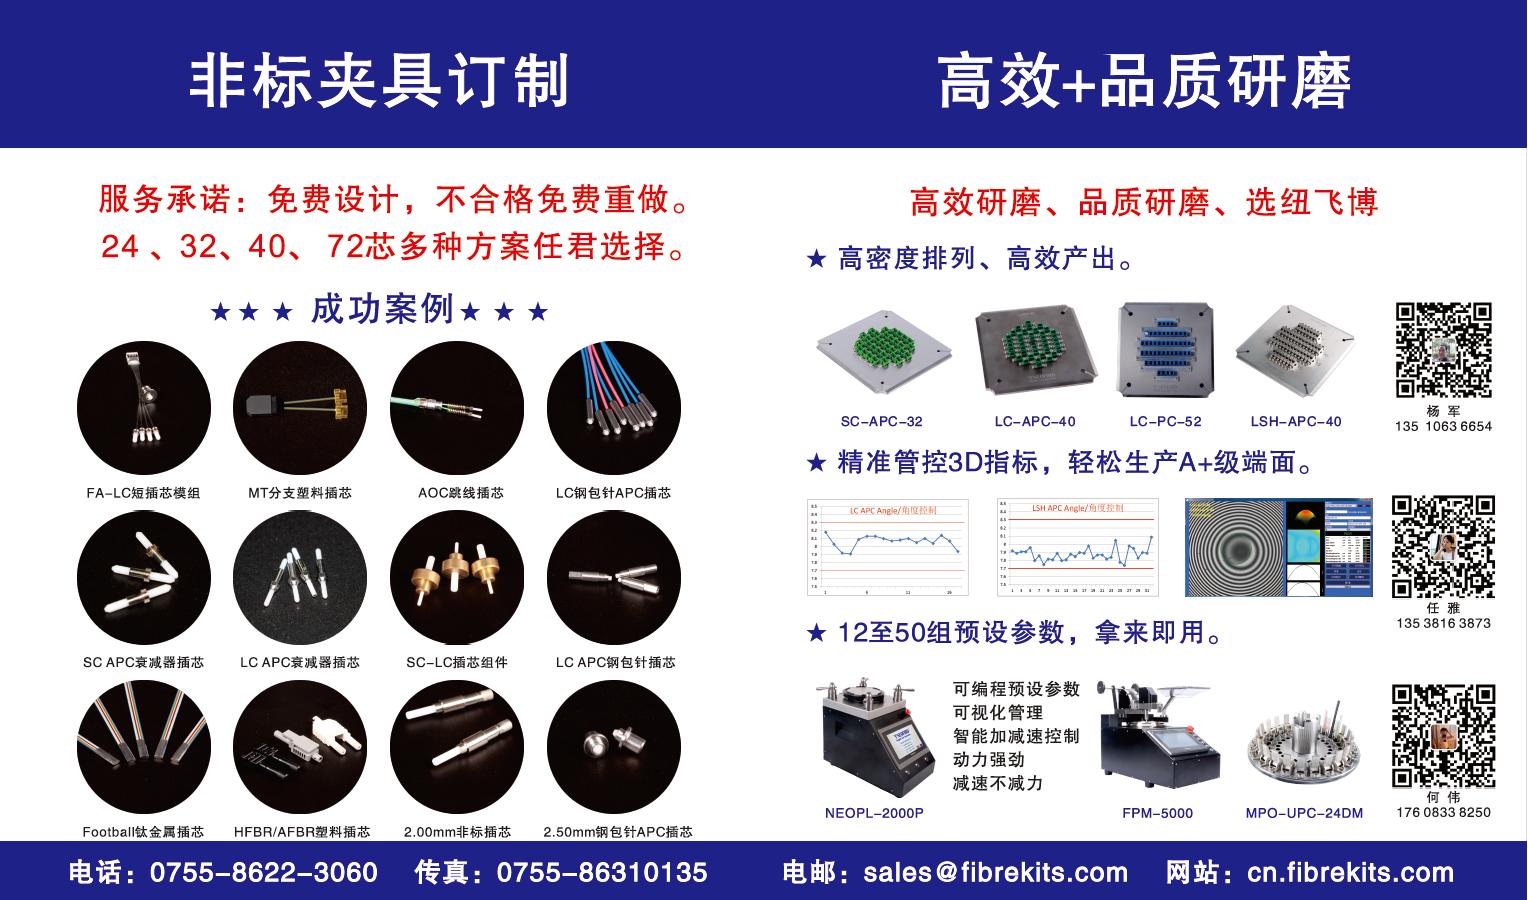 聚焦清远 | 纽飞博科技携高效高品质研磨方案出席2019中国光连接峰会